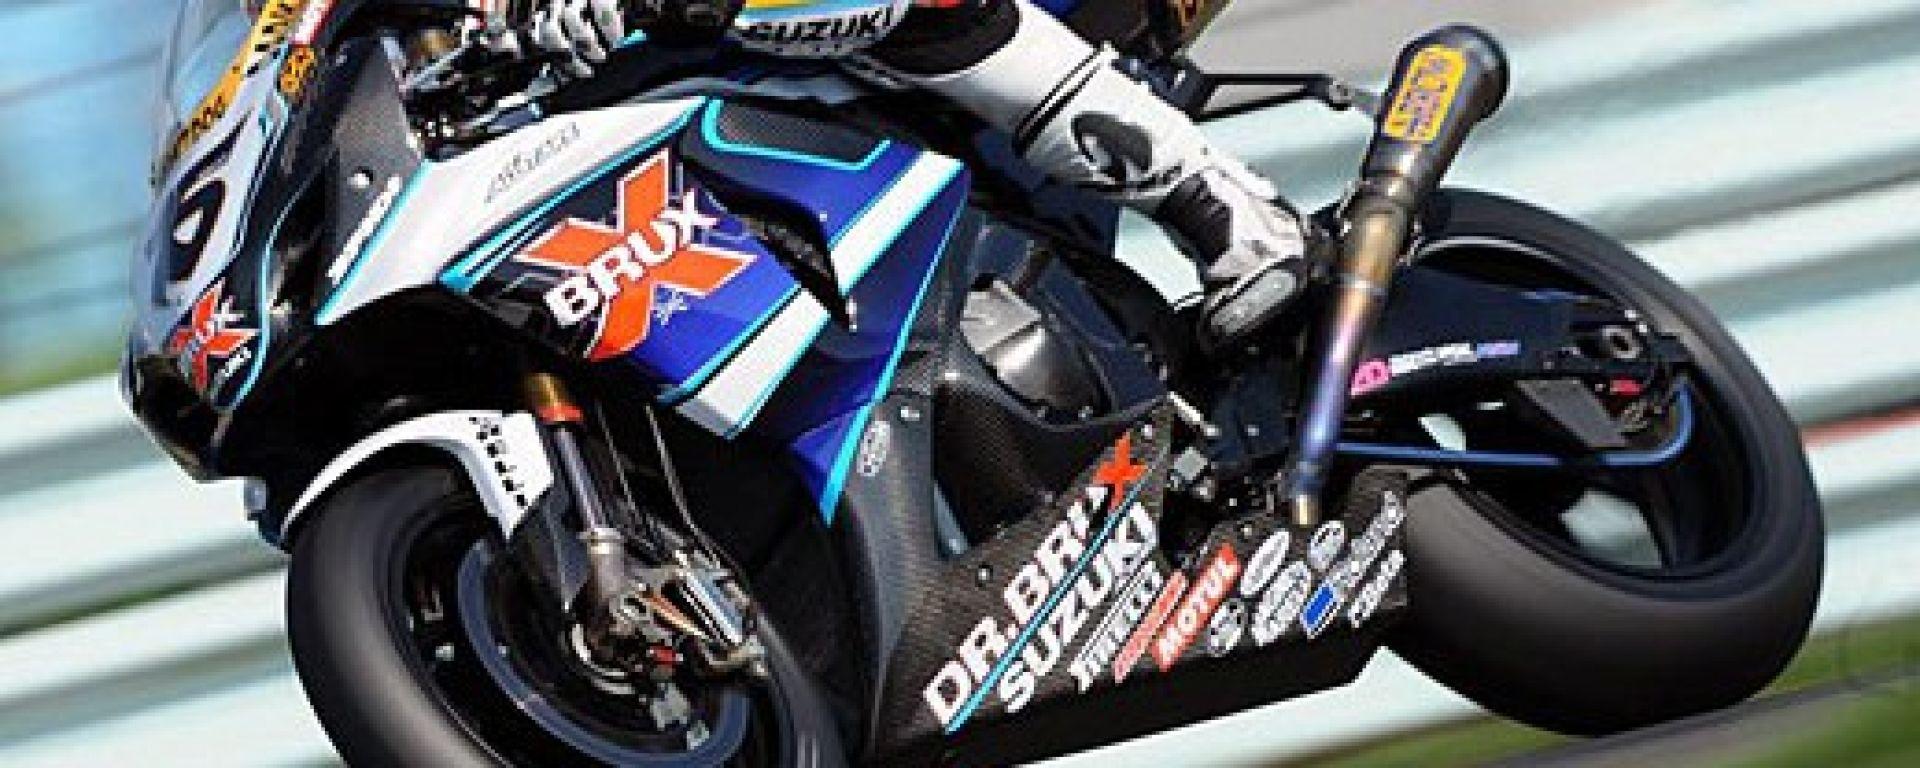 MotoGP vs SBK, tanti milioni in più... per poco